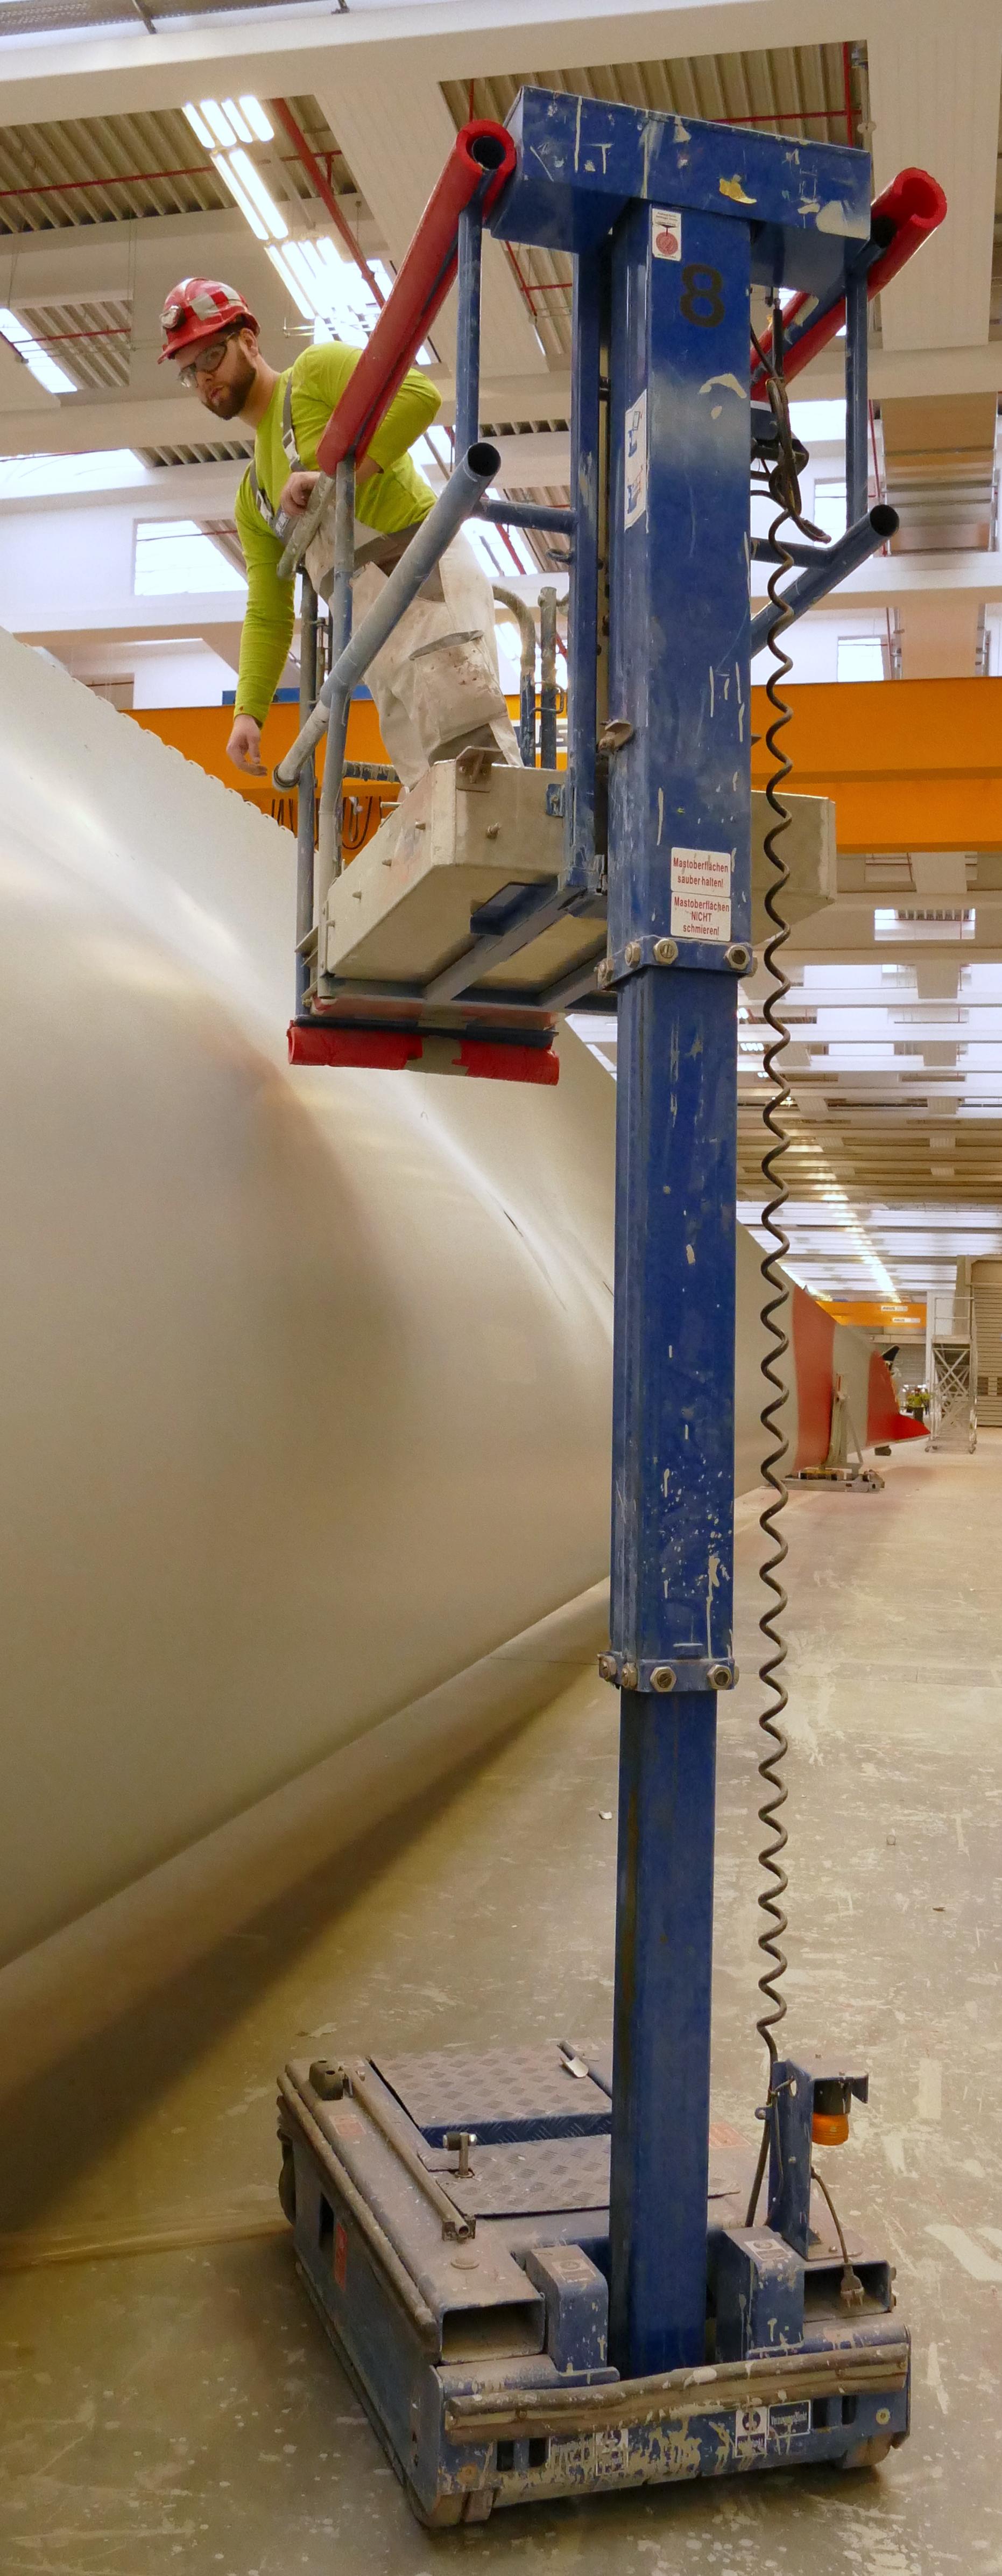 Die JLG Power Towers Arbeitsbühne 830 SP + macht das Arbeiten leichter und sicherer